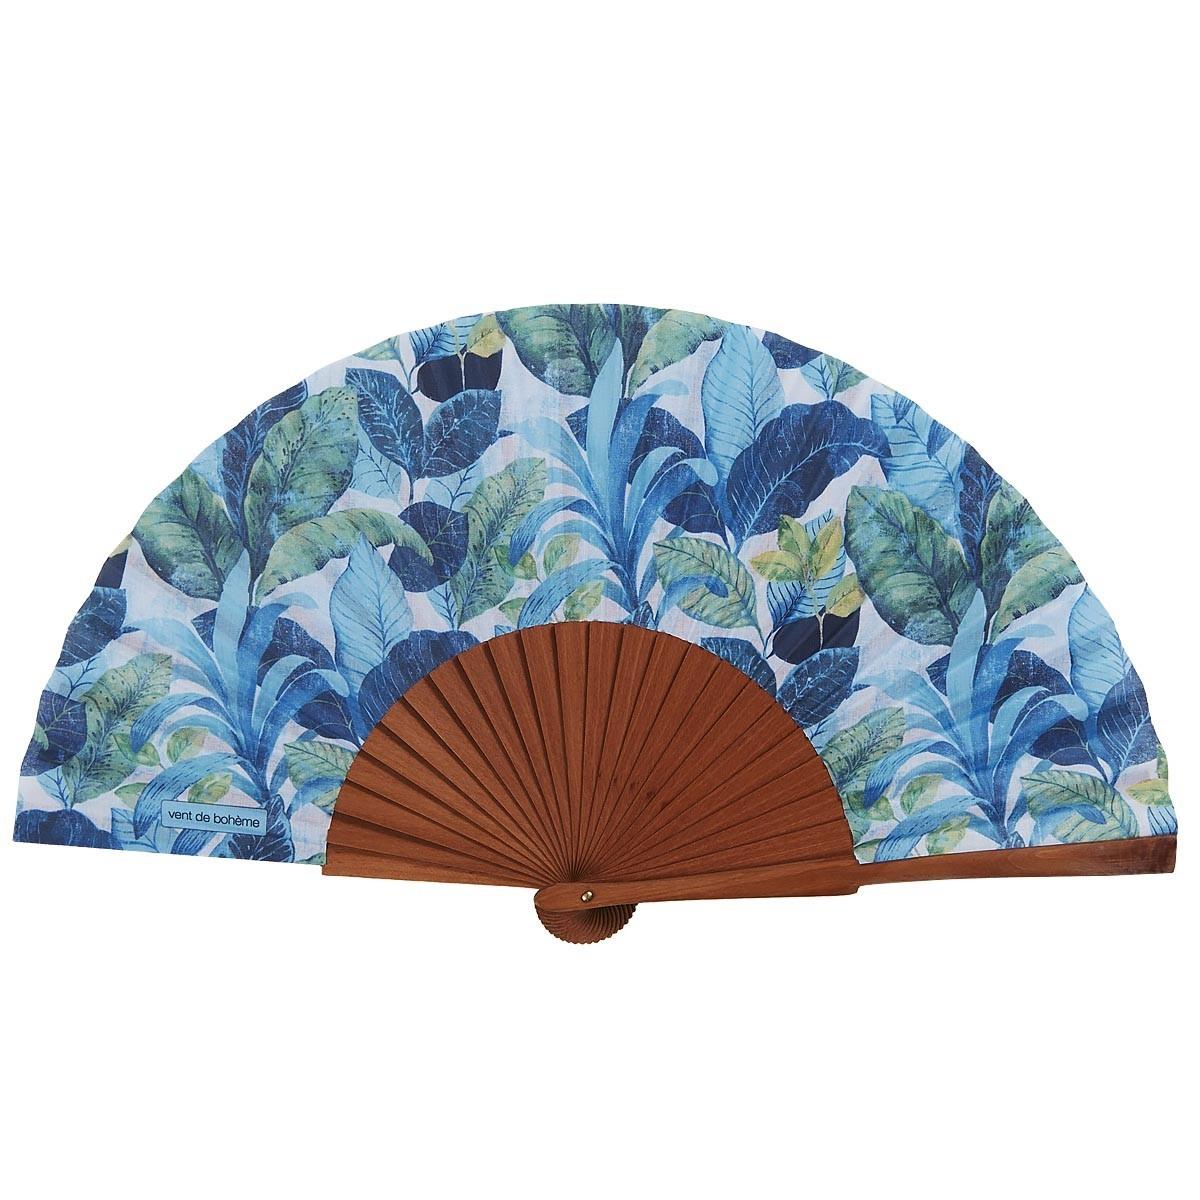 Éventail en bois de merisier et coton fleuri turquoise